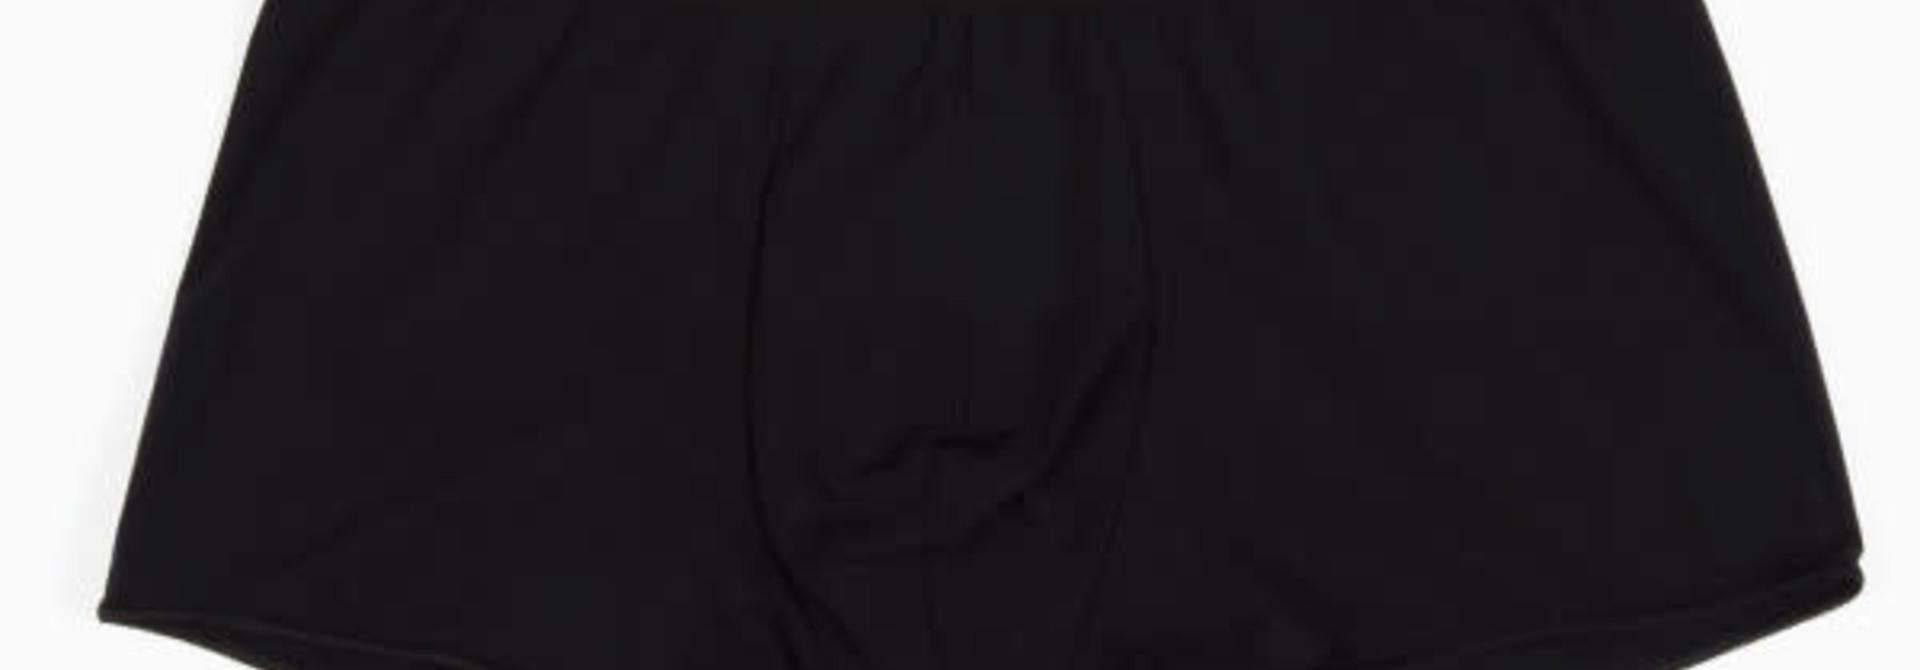 Short Plumes 404755 - zwart